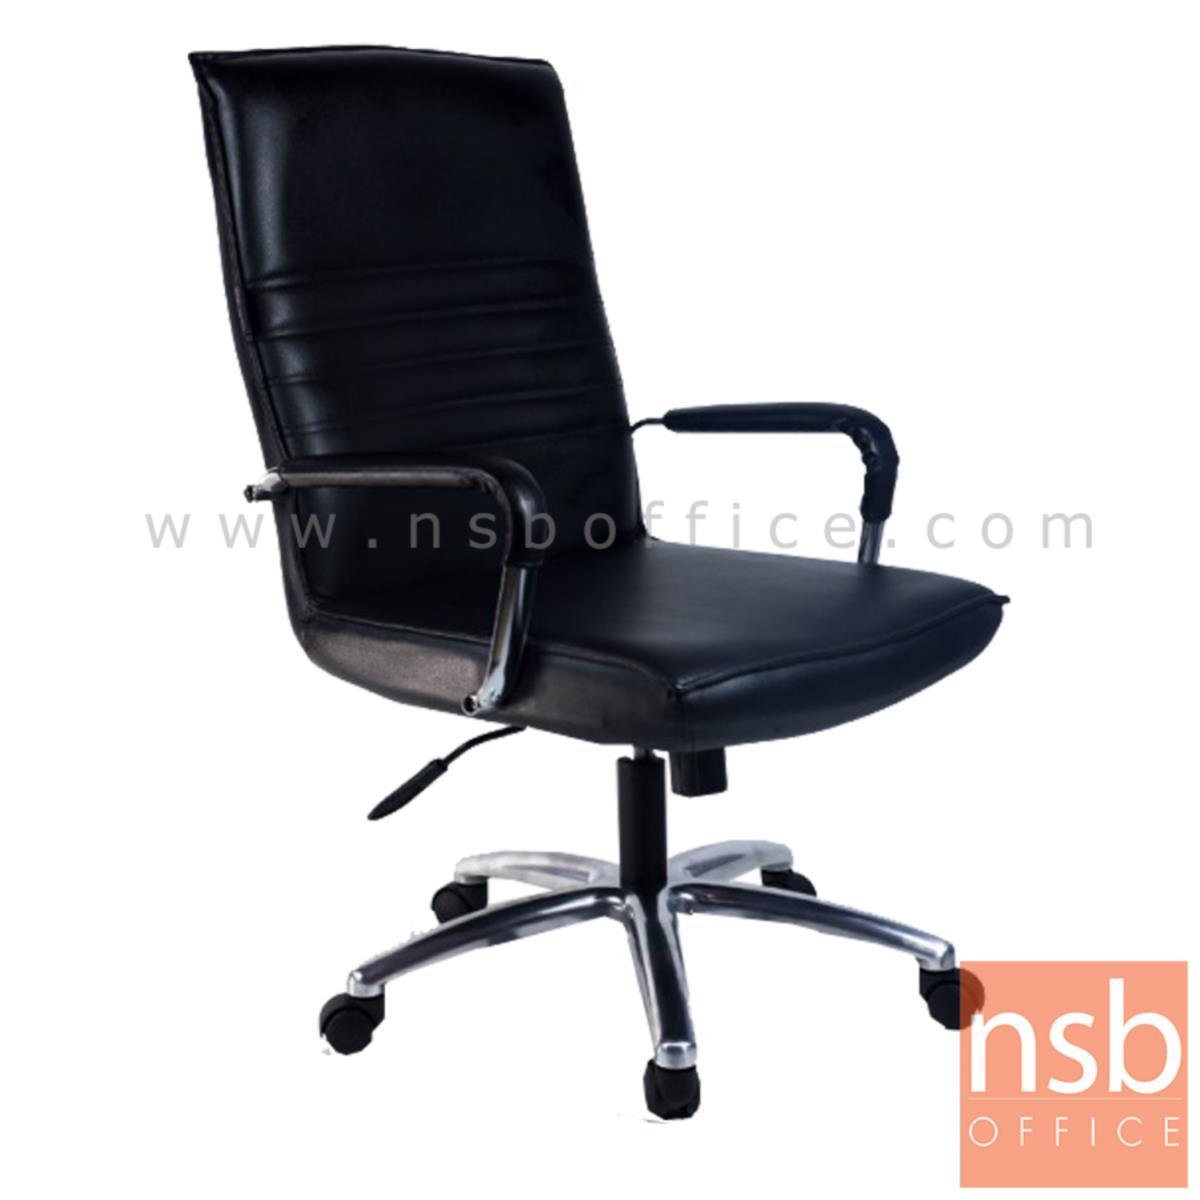 B26A132:เก้าอี้สำนักงาน รุ่น Maya (เมยา) โช๊คแก๊ส ก้อนโยก ขาเหล็กชุบโครมเมี่ยม